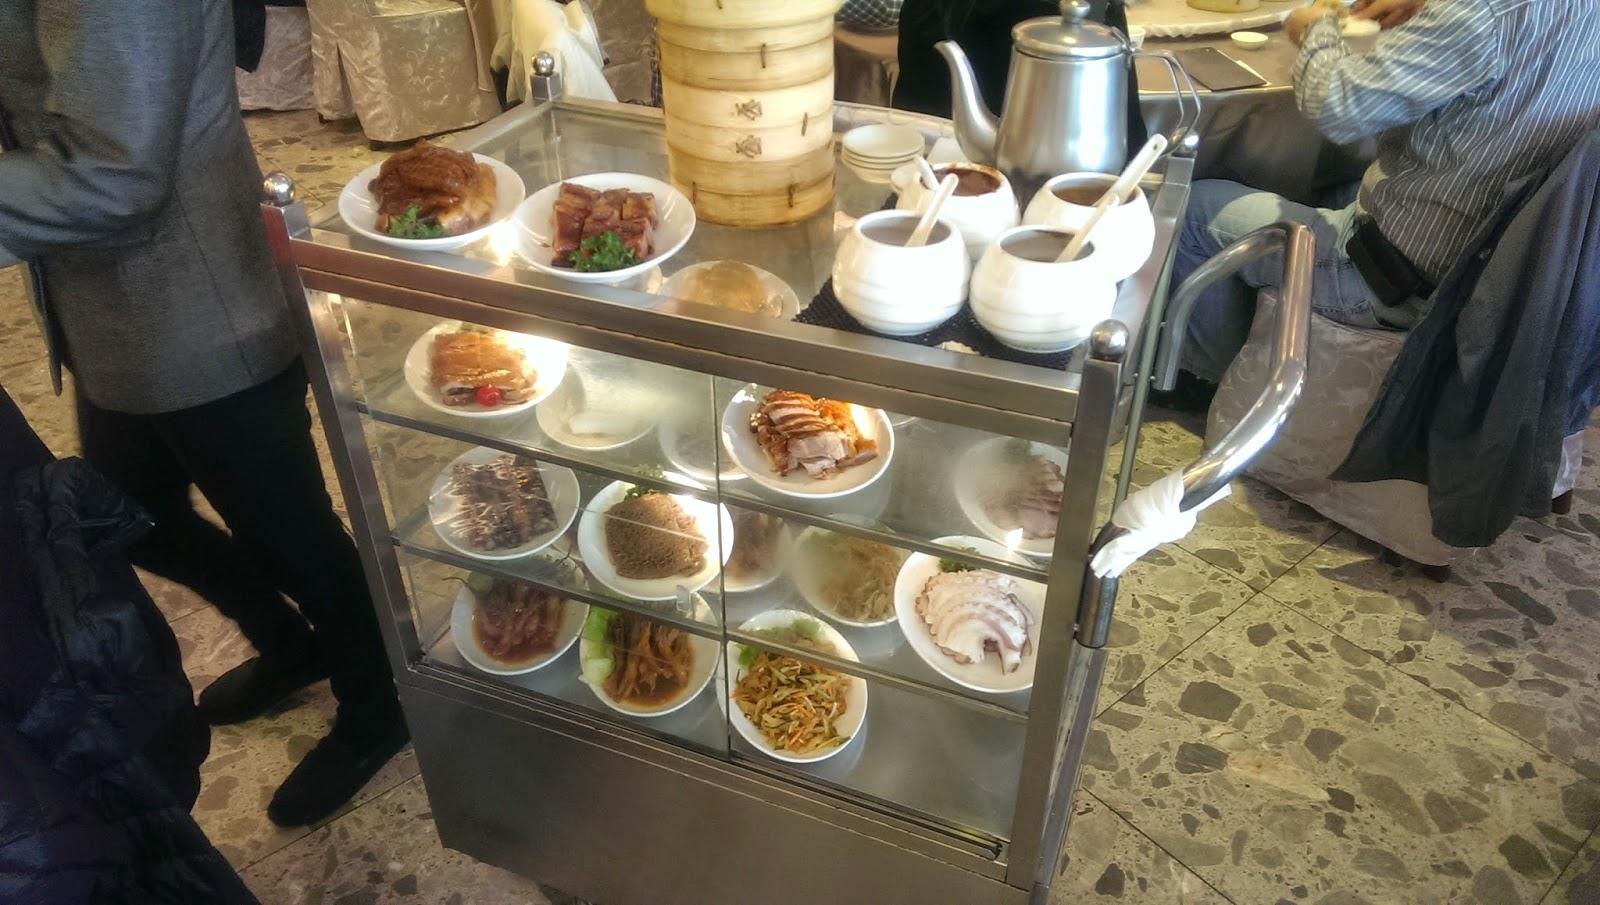 2015 01 25%2B11.35.02 - [食記] 高雄寒軒大飯店 - 吃飲茶囉!開心愜意的飲茶好去處